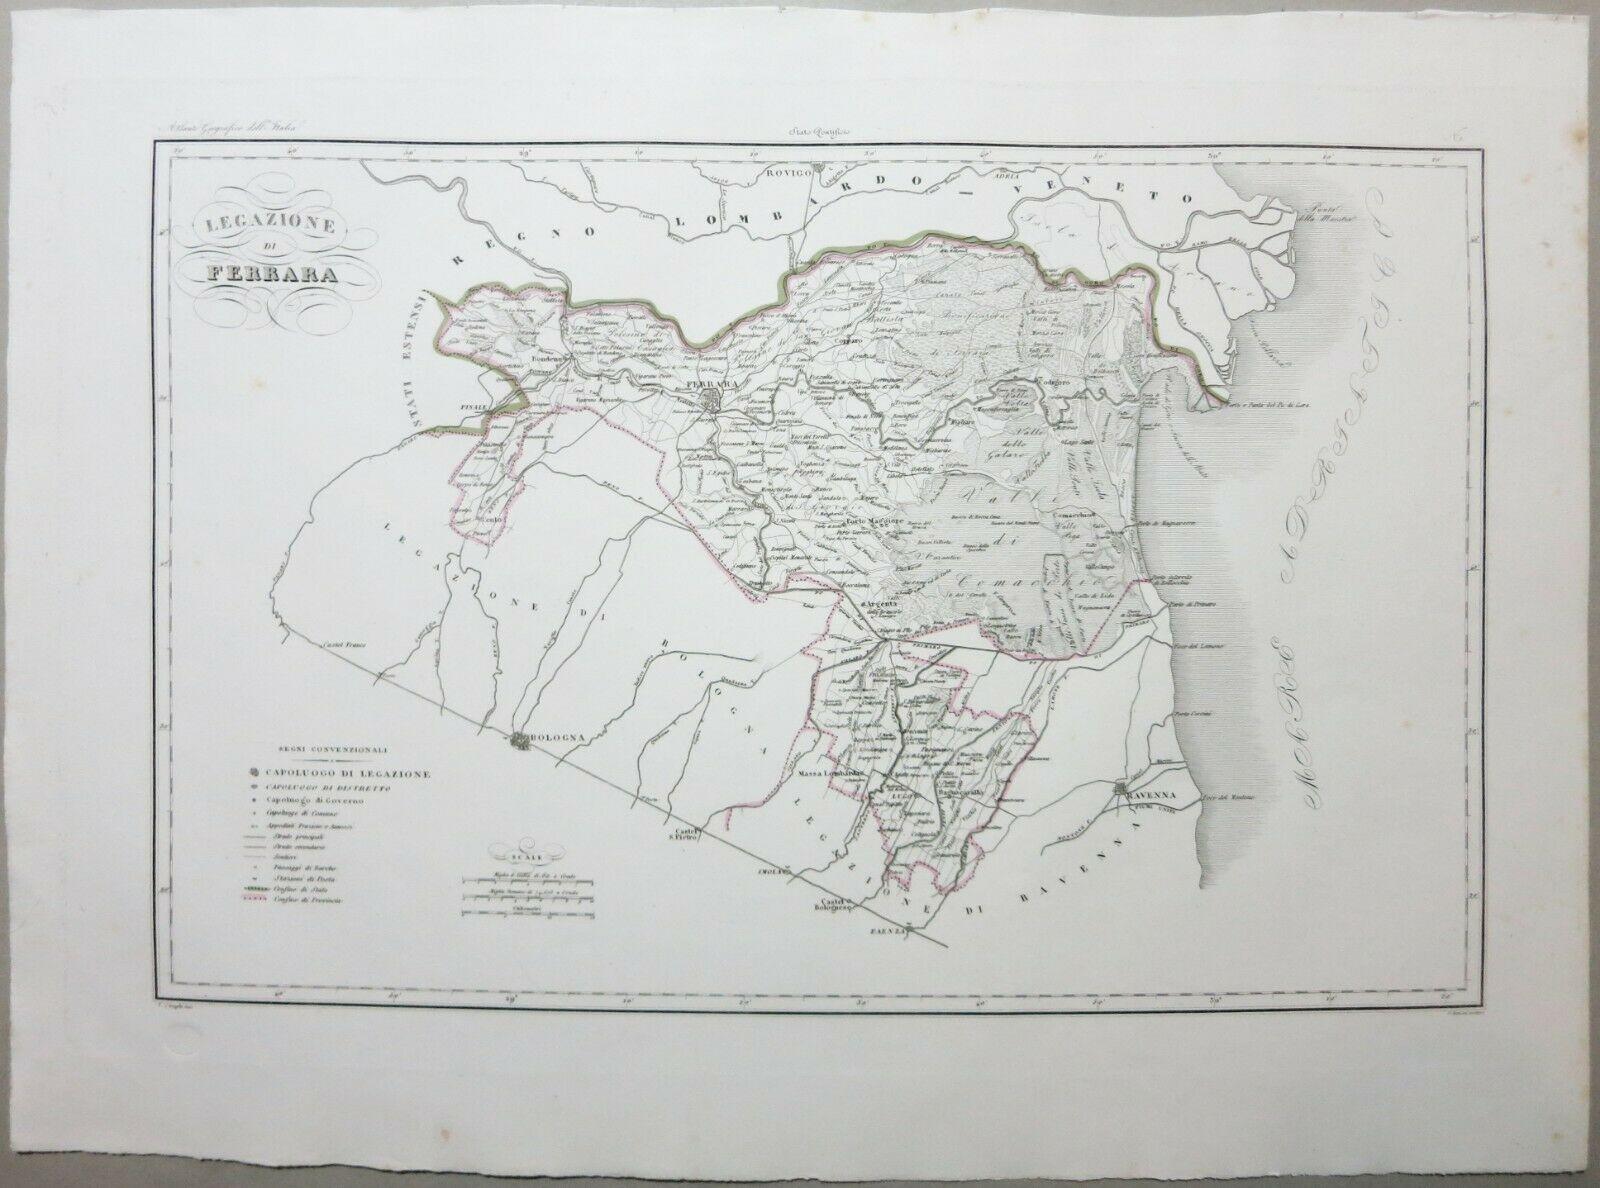 Legazione Ferrara, 1844